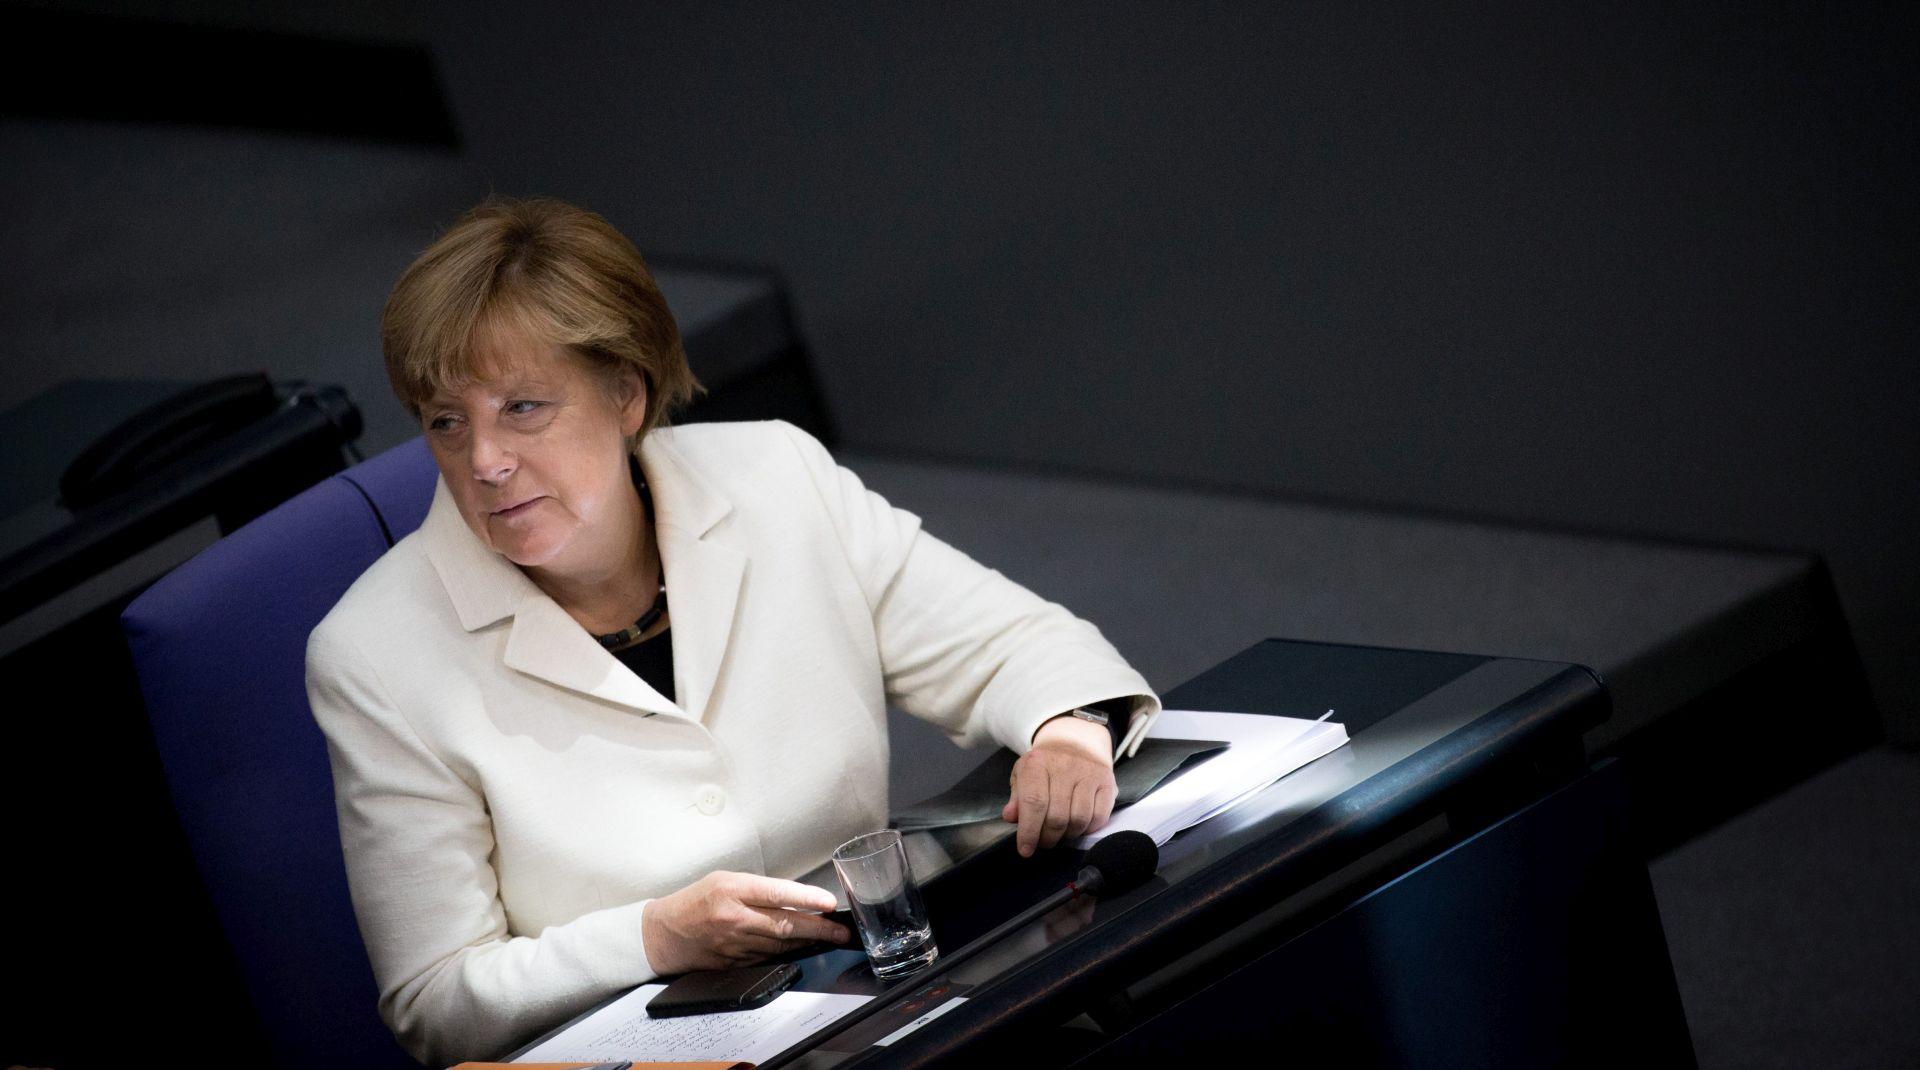 ZBOG IZBJEGLIČKE KRIZE Pada popularnost kancelarke Merkel